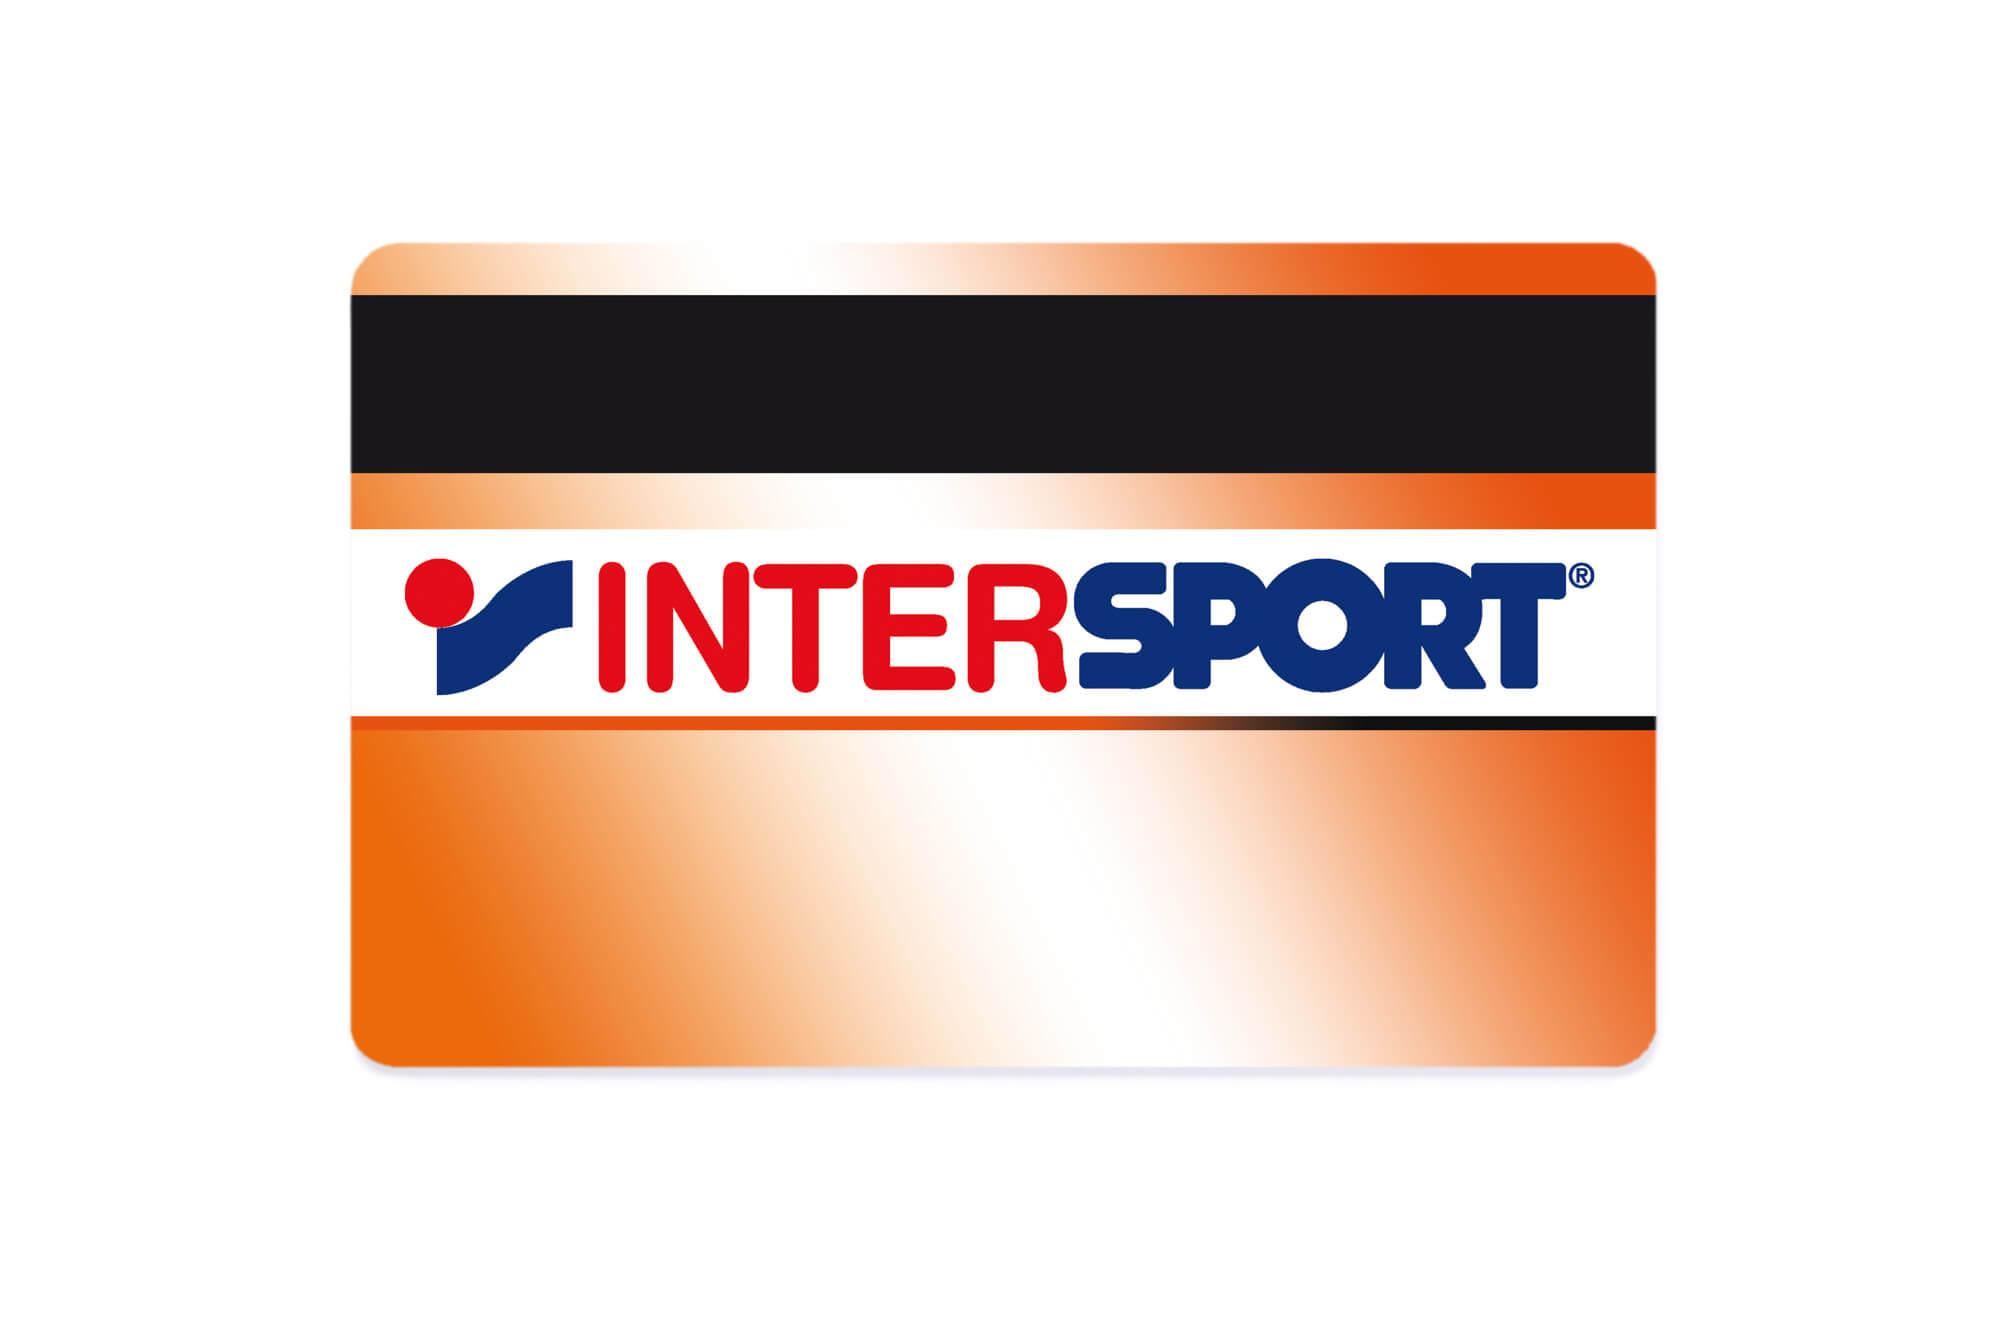 Magnetkarte eines Sportgeschäftes